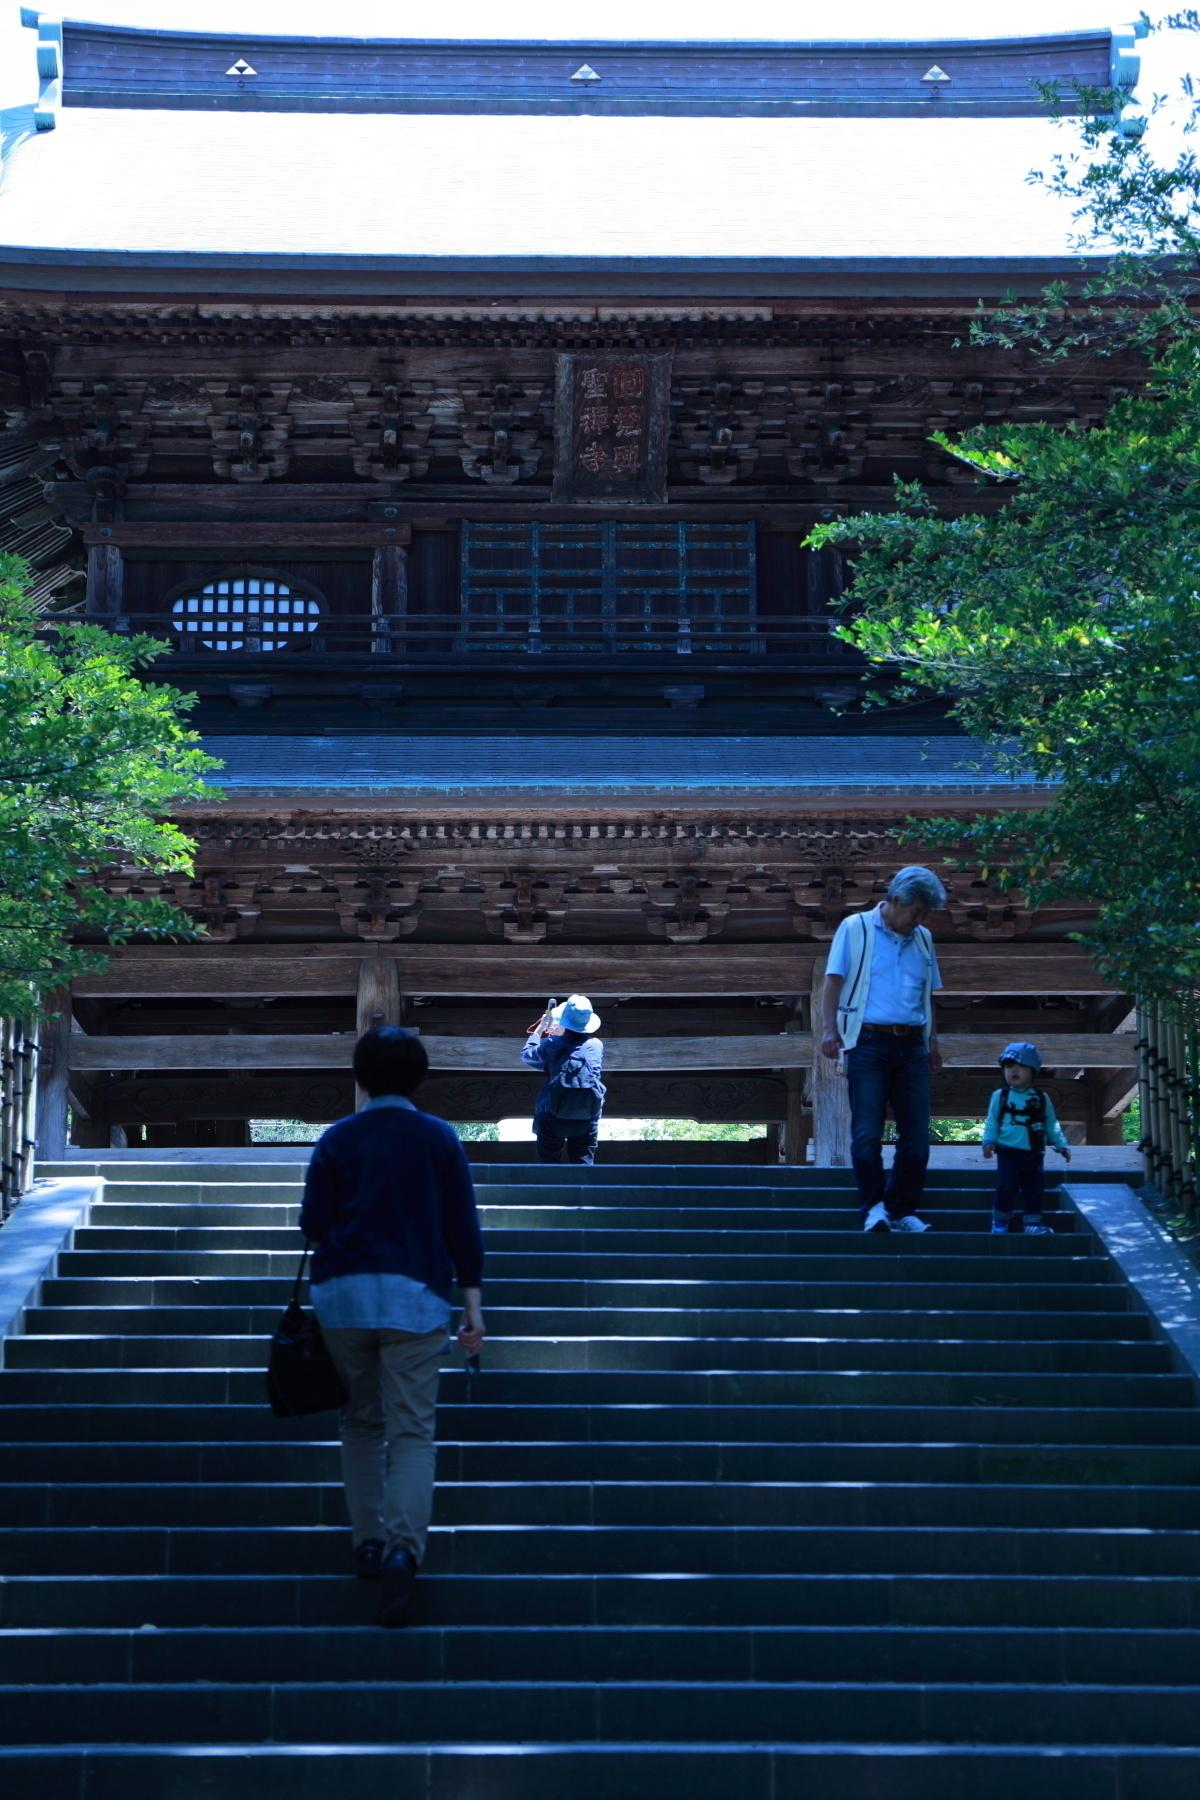 円覚寺山門 どうやっても納得いく写真がとれない難敵